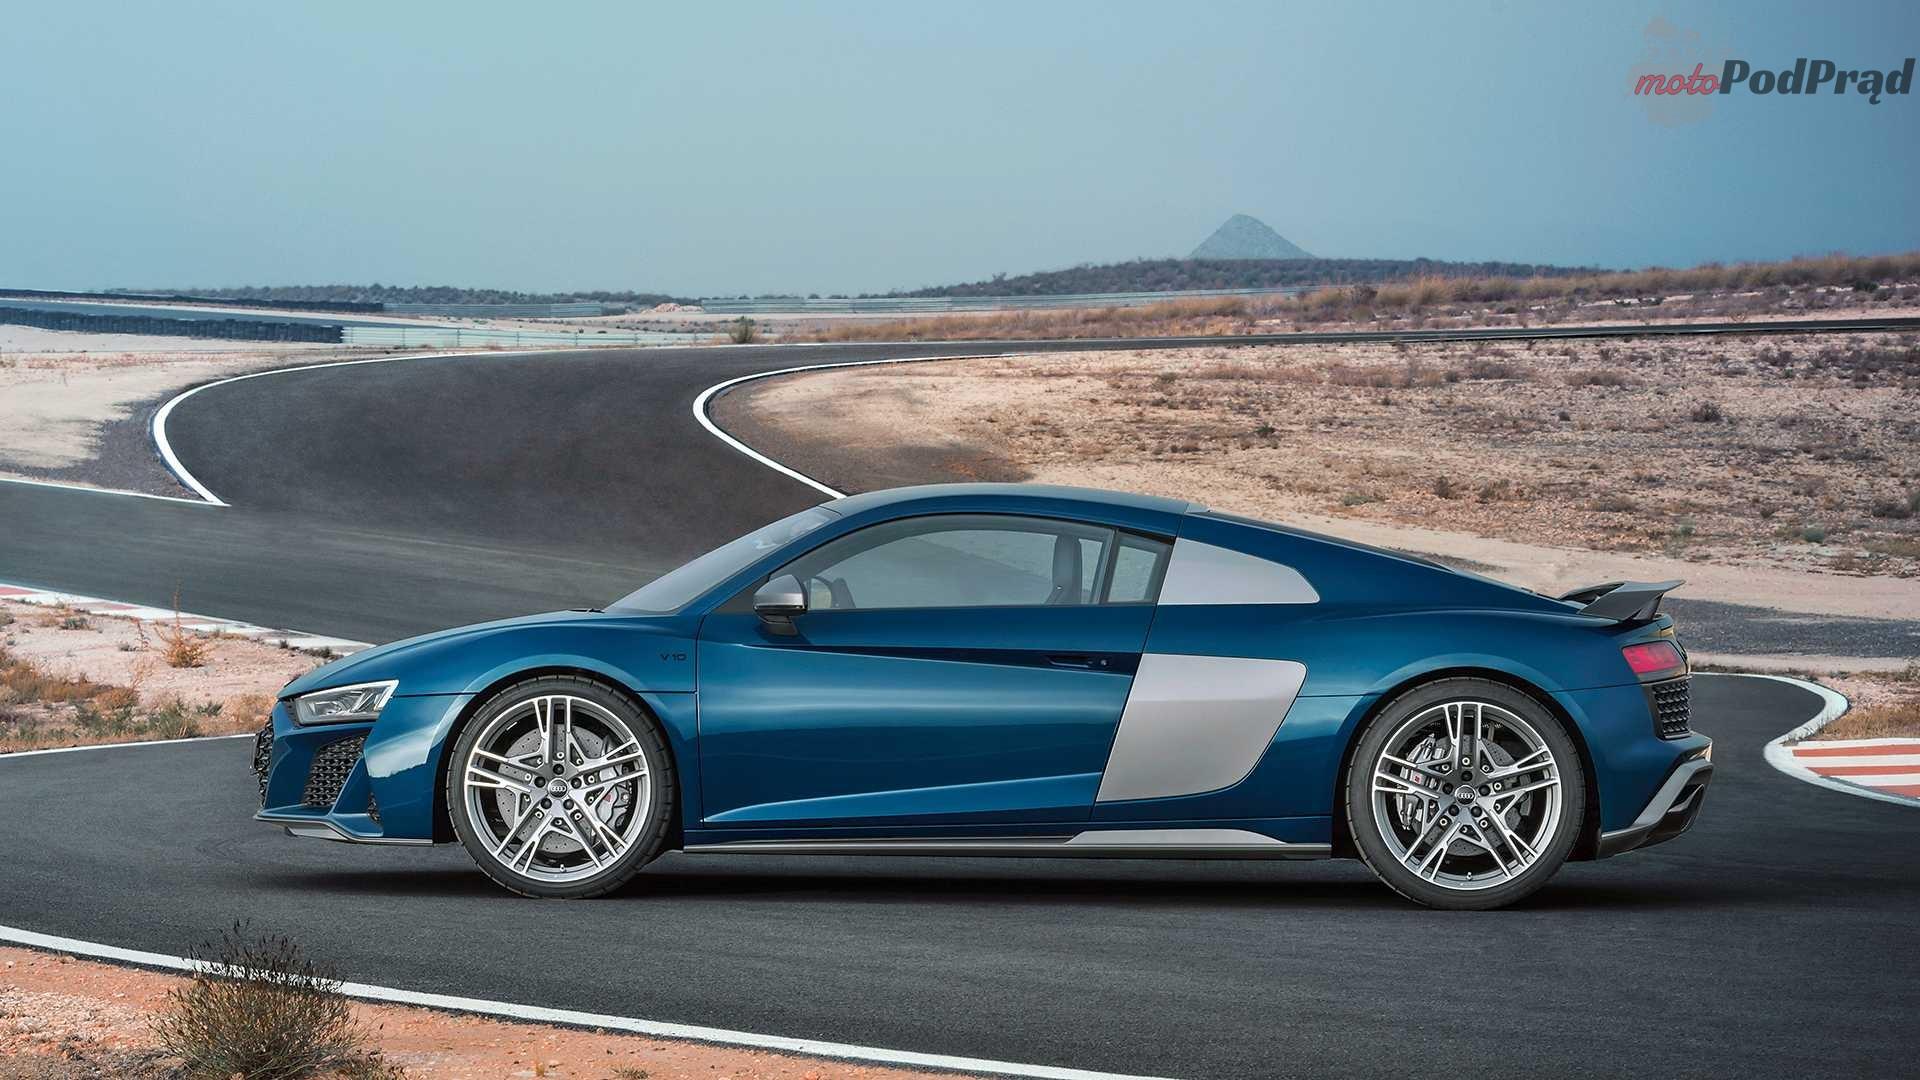 2019 audi r8 1 Audi R8 wchodzi w ostatni etap ewolucji